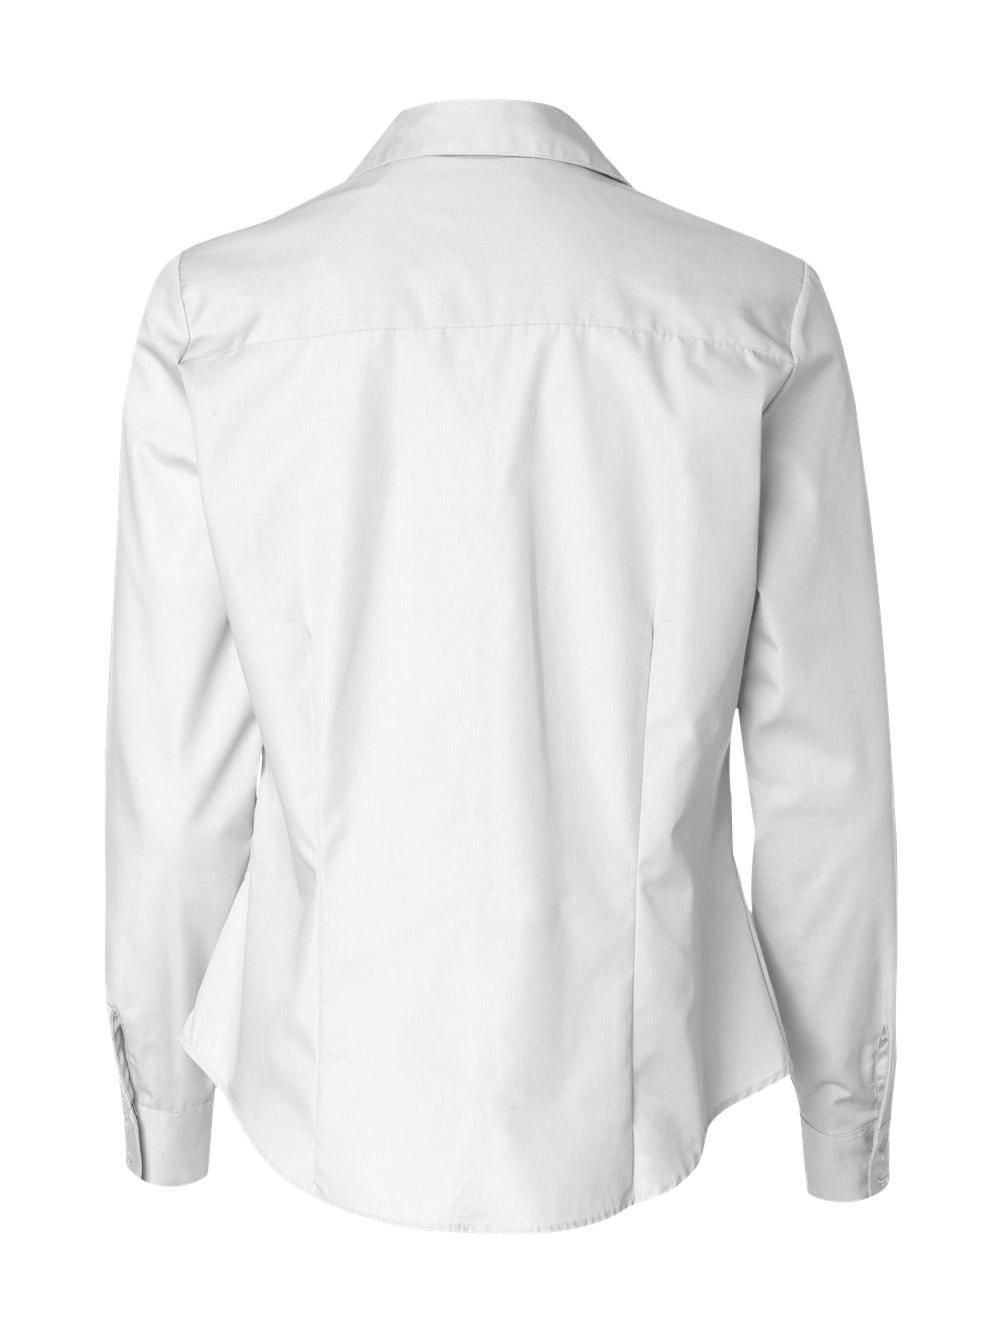 Van-Heusen-Women-039-s-Silky-Poplin-Shirt-13V0114 thumbnail 16